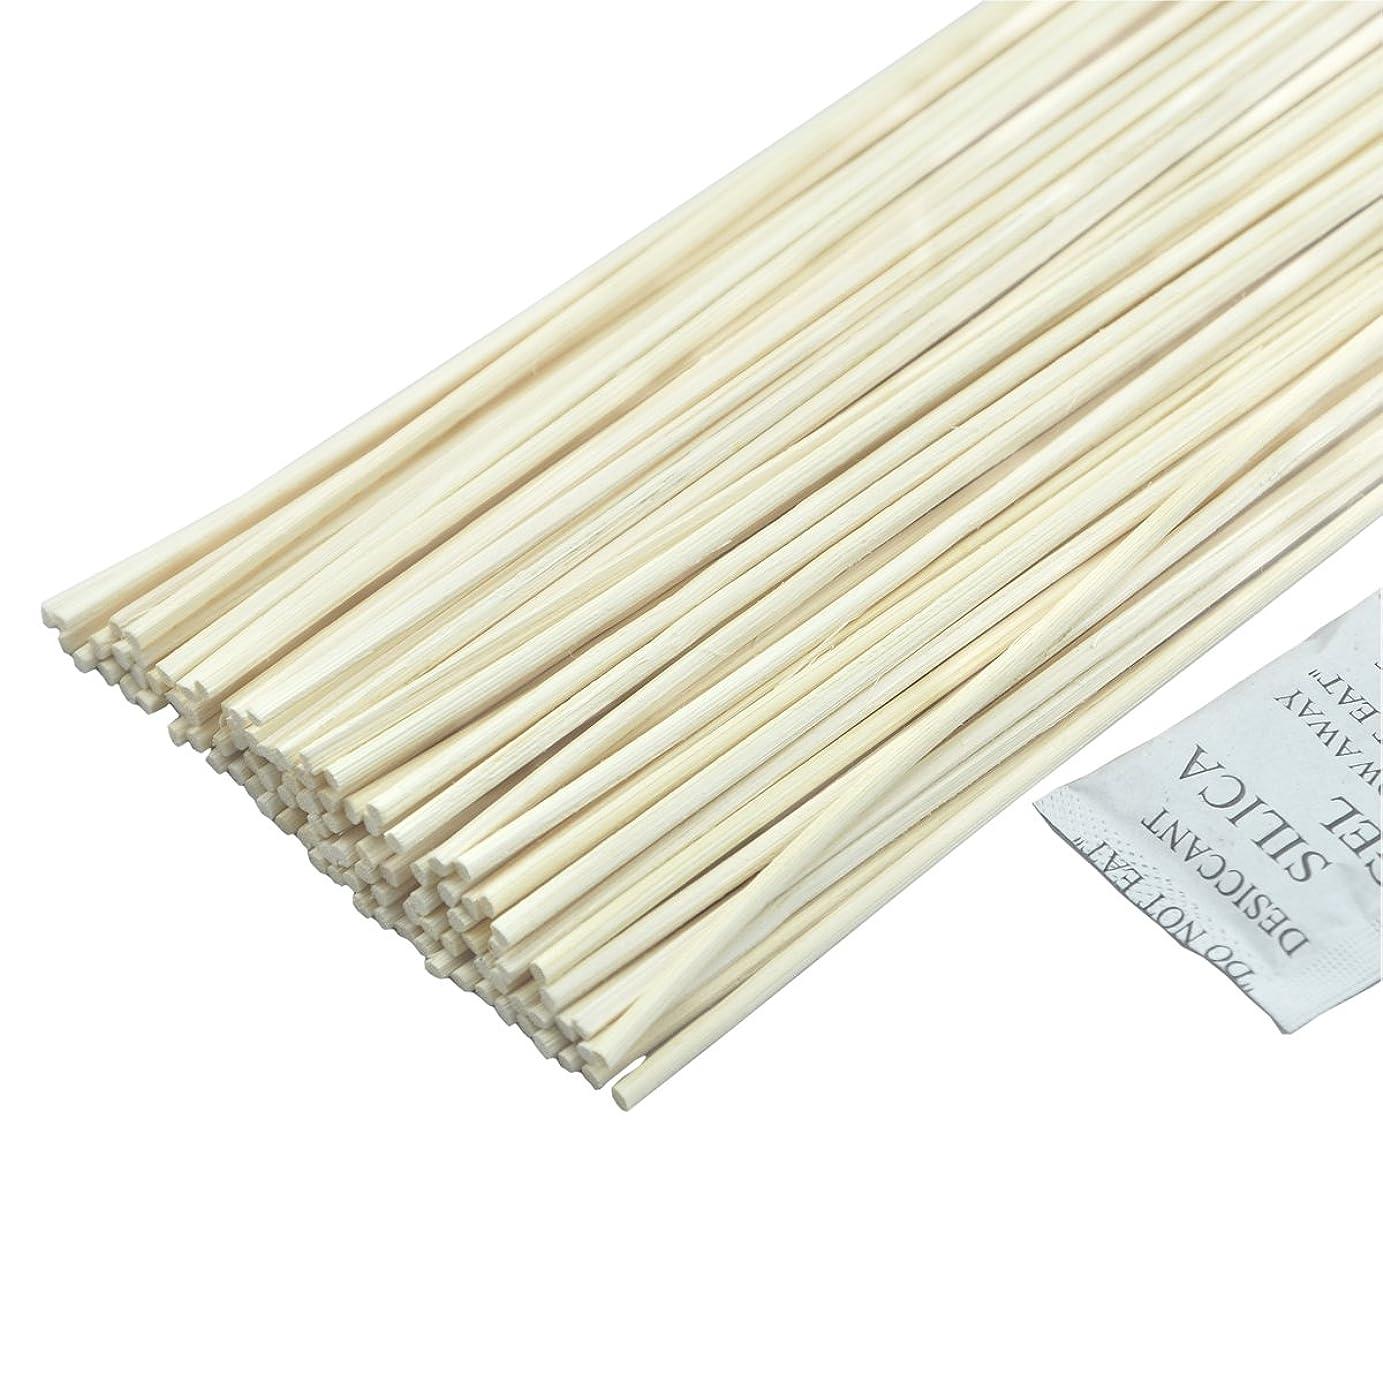 ナット完璧ぼかし100本入ナチュラルカラー 籐のリードアロマディフューザーの交換用スティック (30cmx3mm)